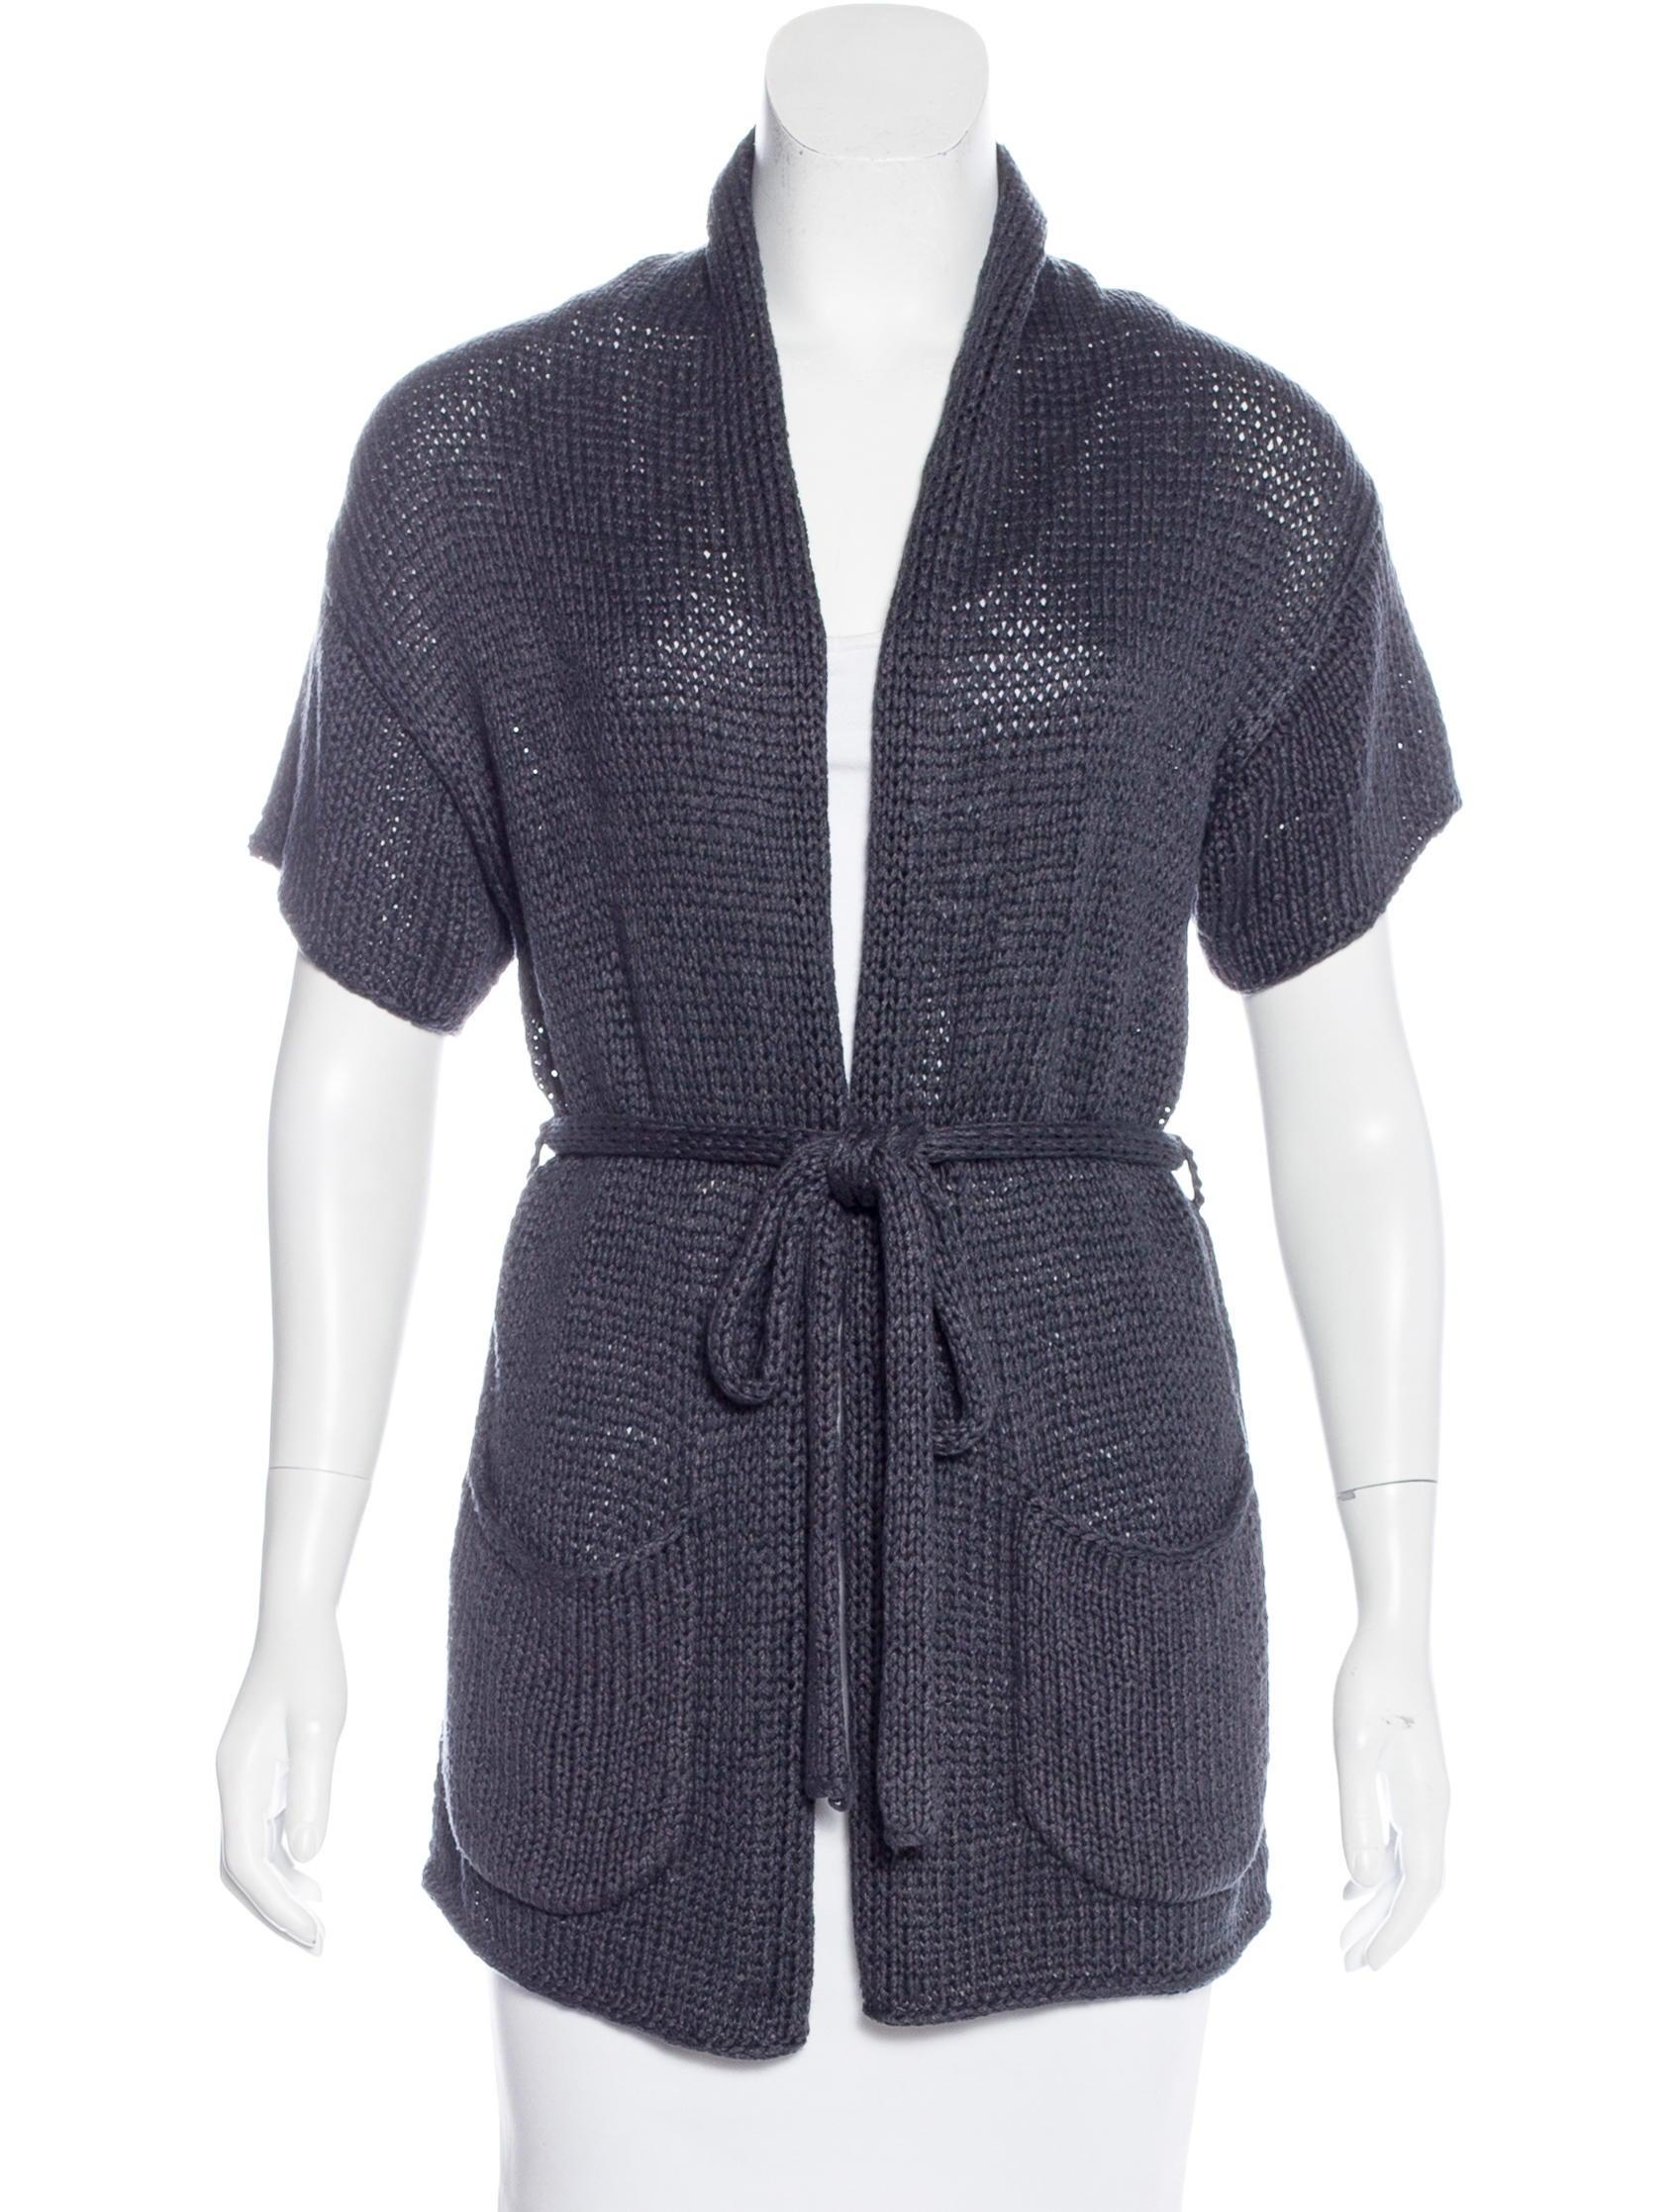 MaxMara Short Sleeve Belted Cardigan - Clothing - MMA22020 | The ...